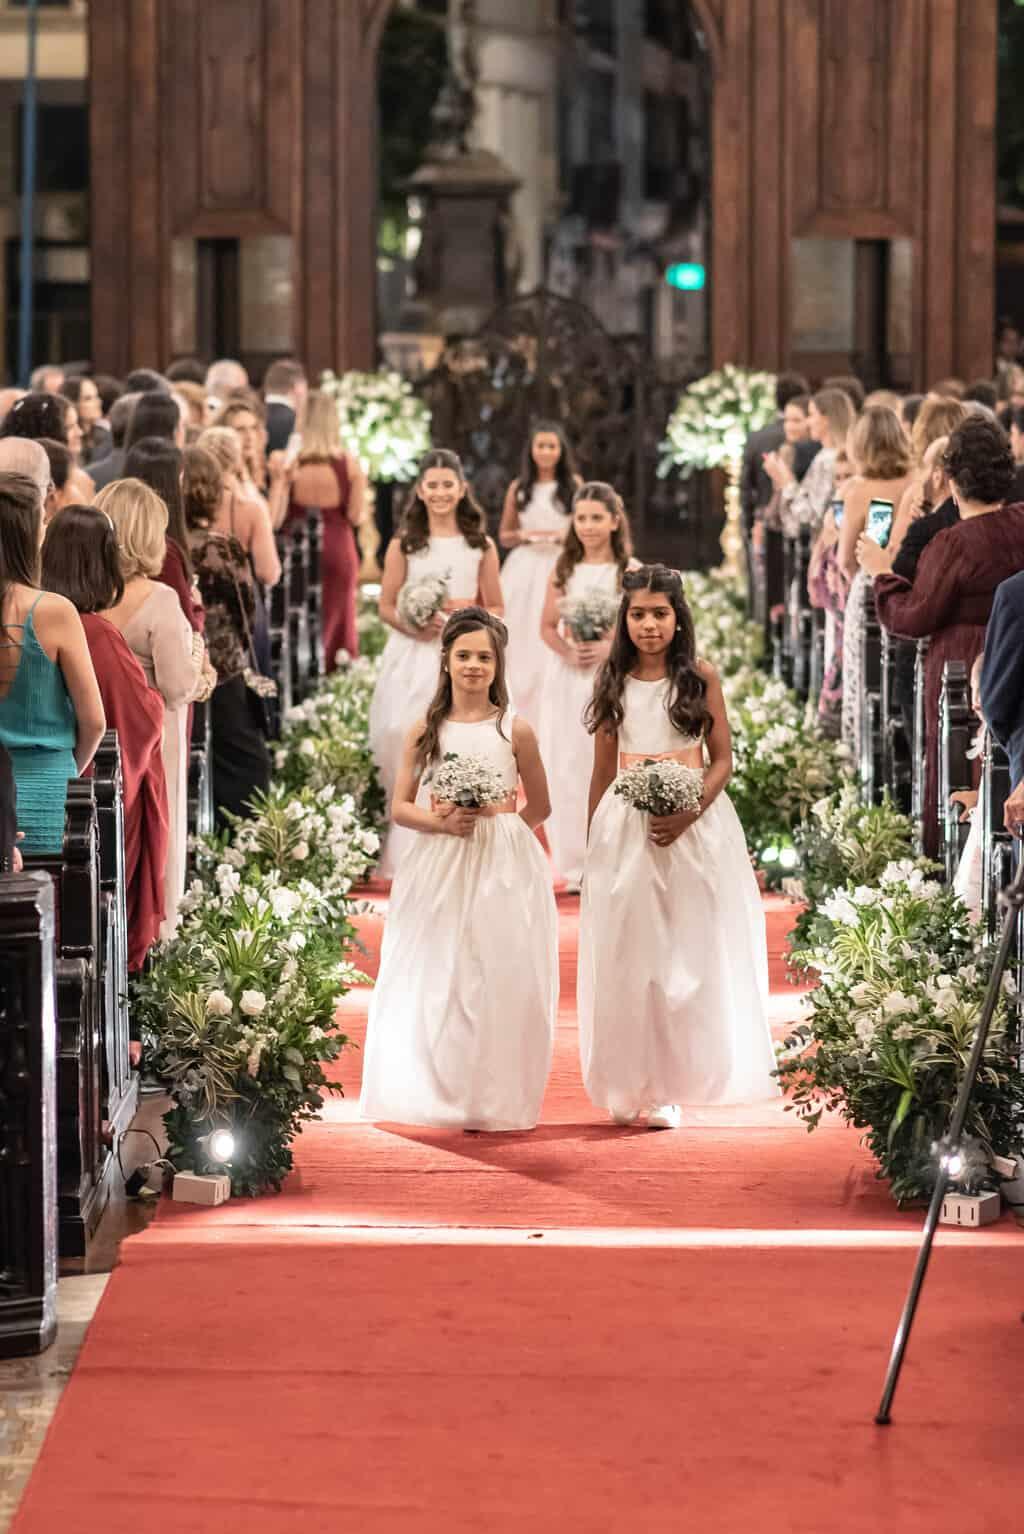 casamento-Karynna-e-Fernando-cerimonial-TCD-Eventos-fotografia-Marina-Fava40